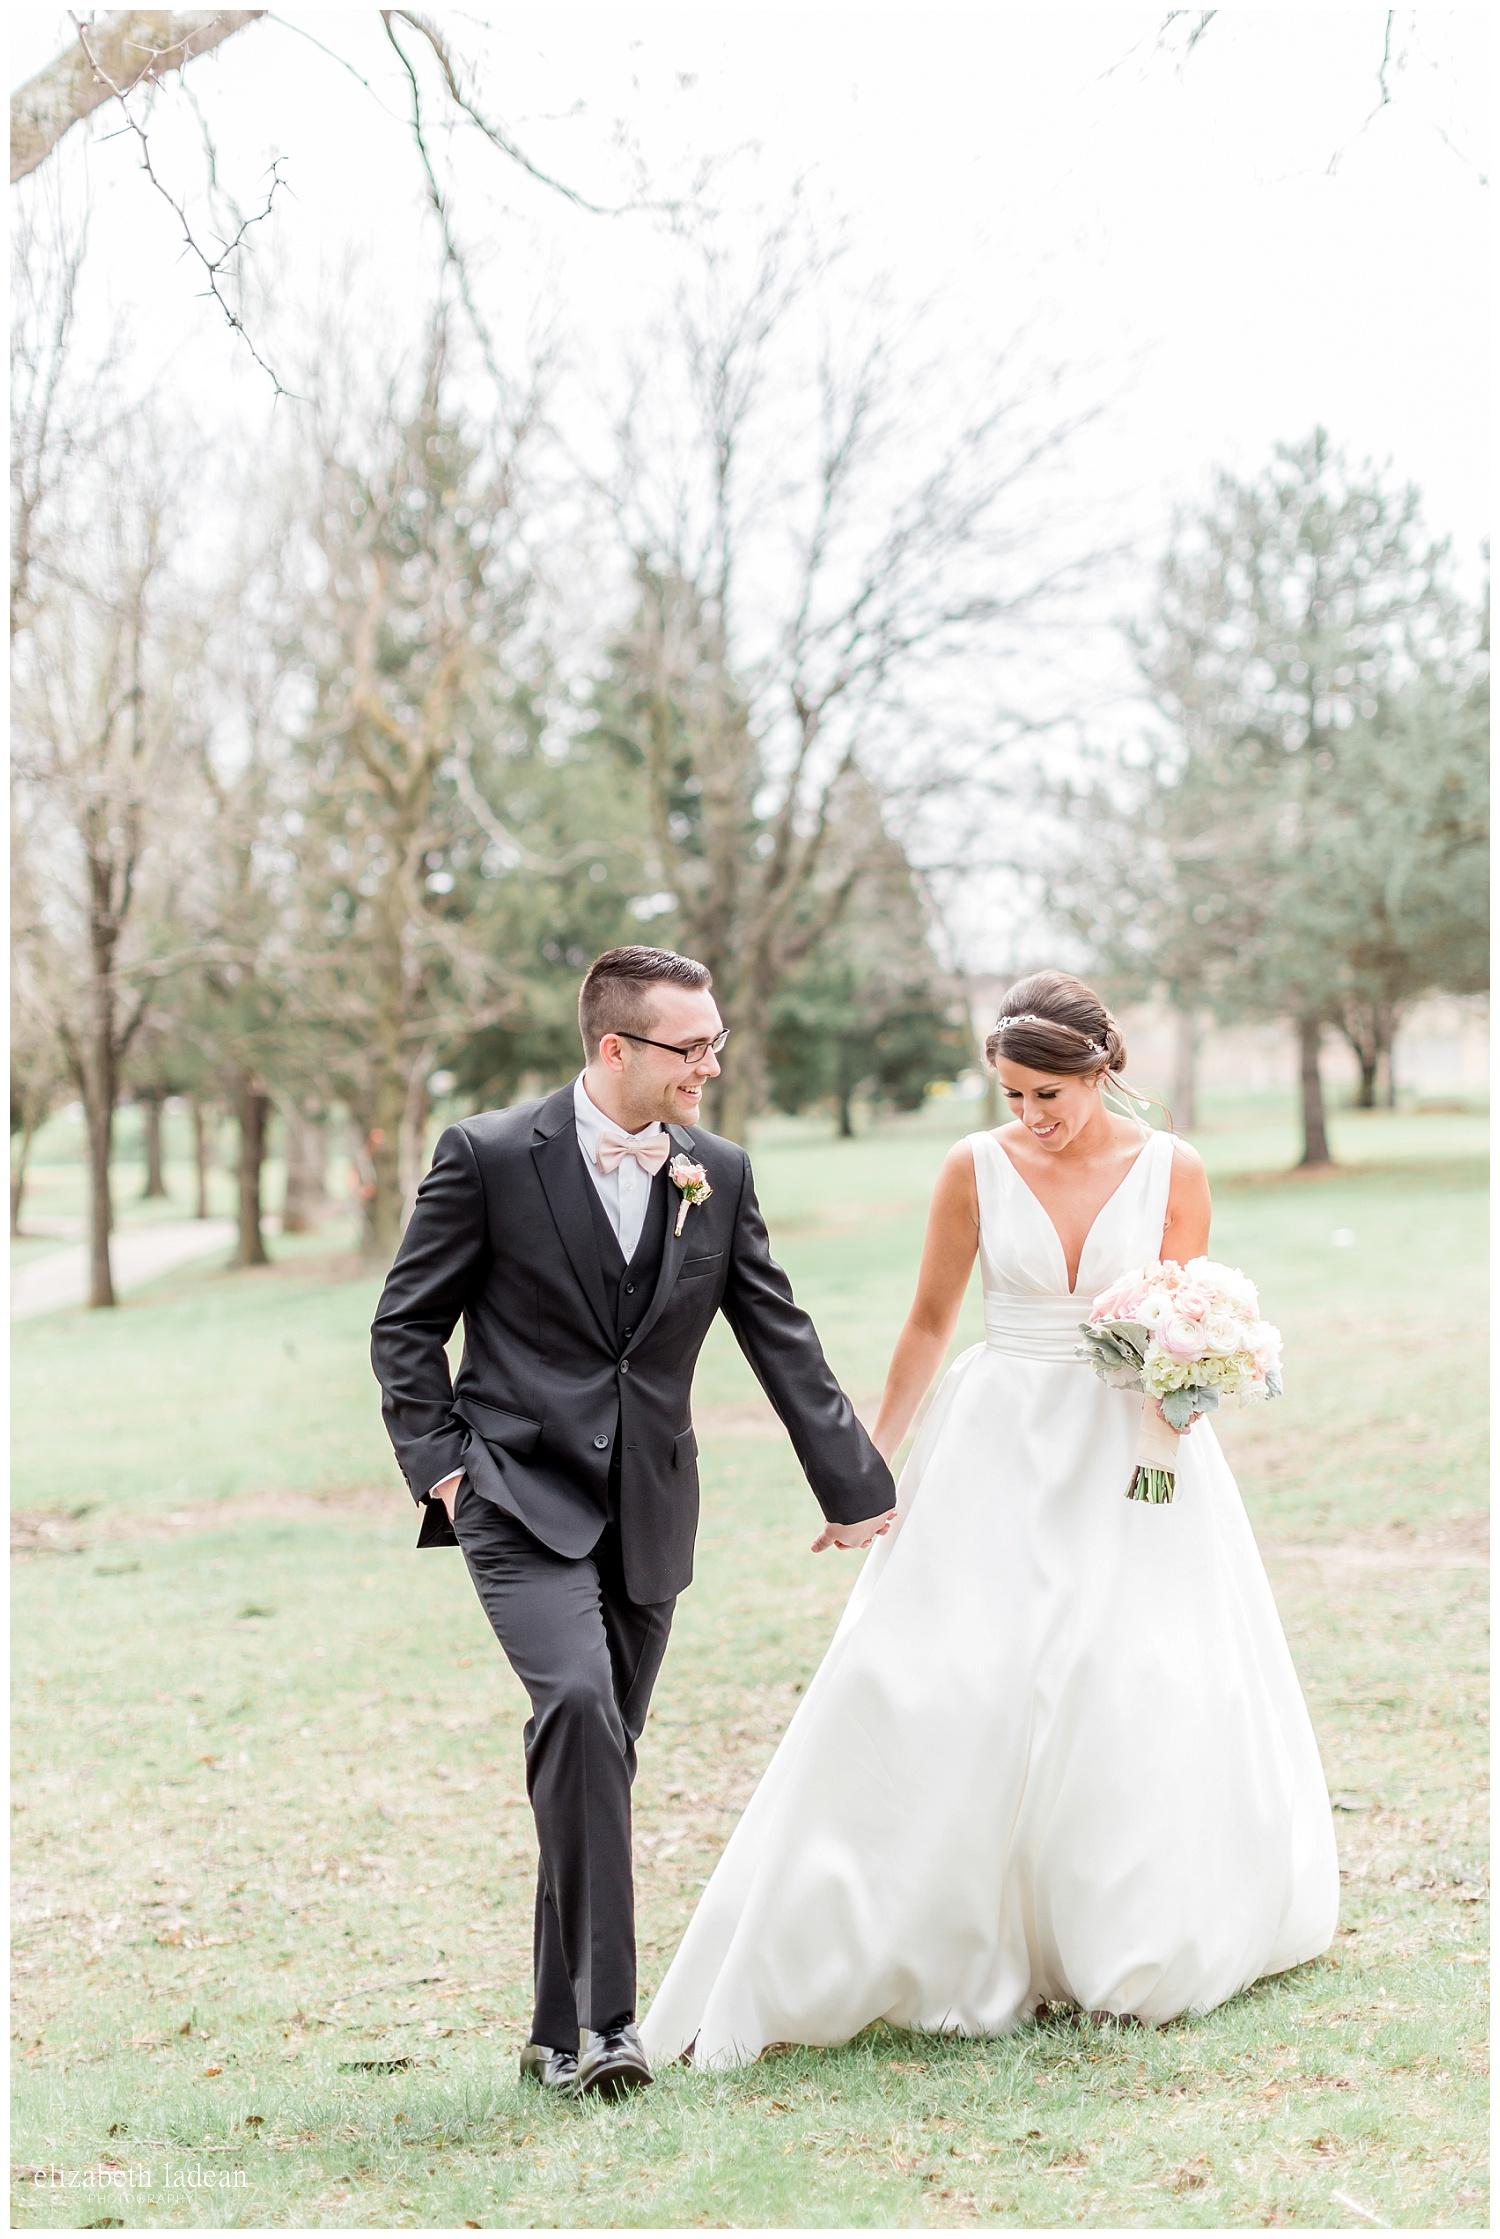 Kansas City natural light wedding photographer